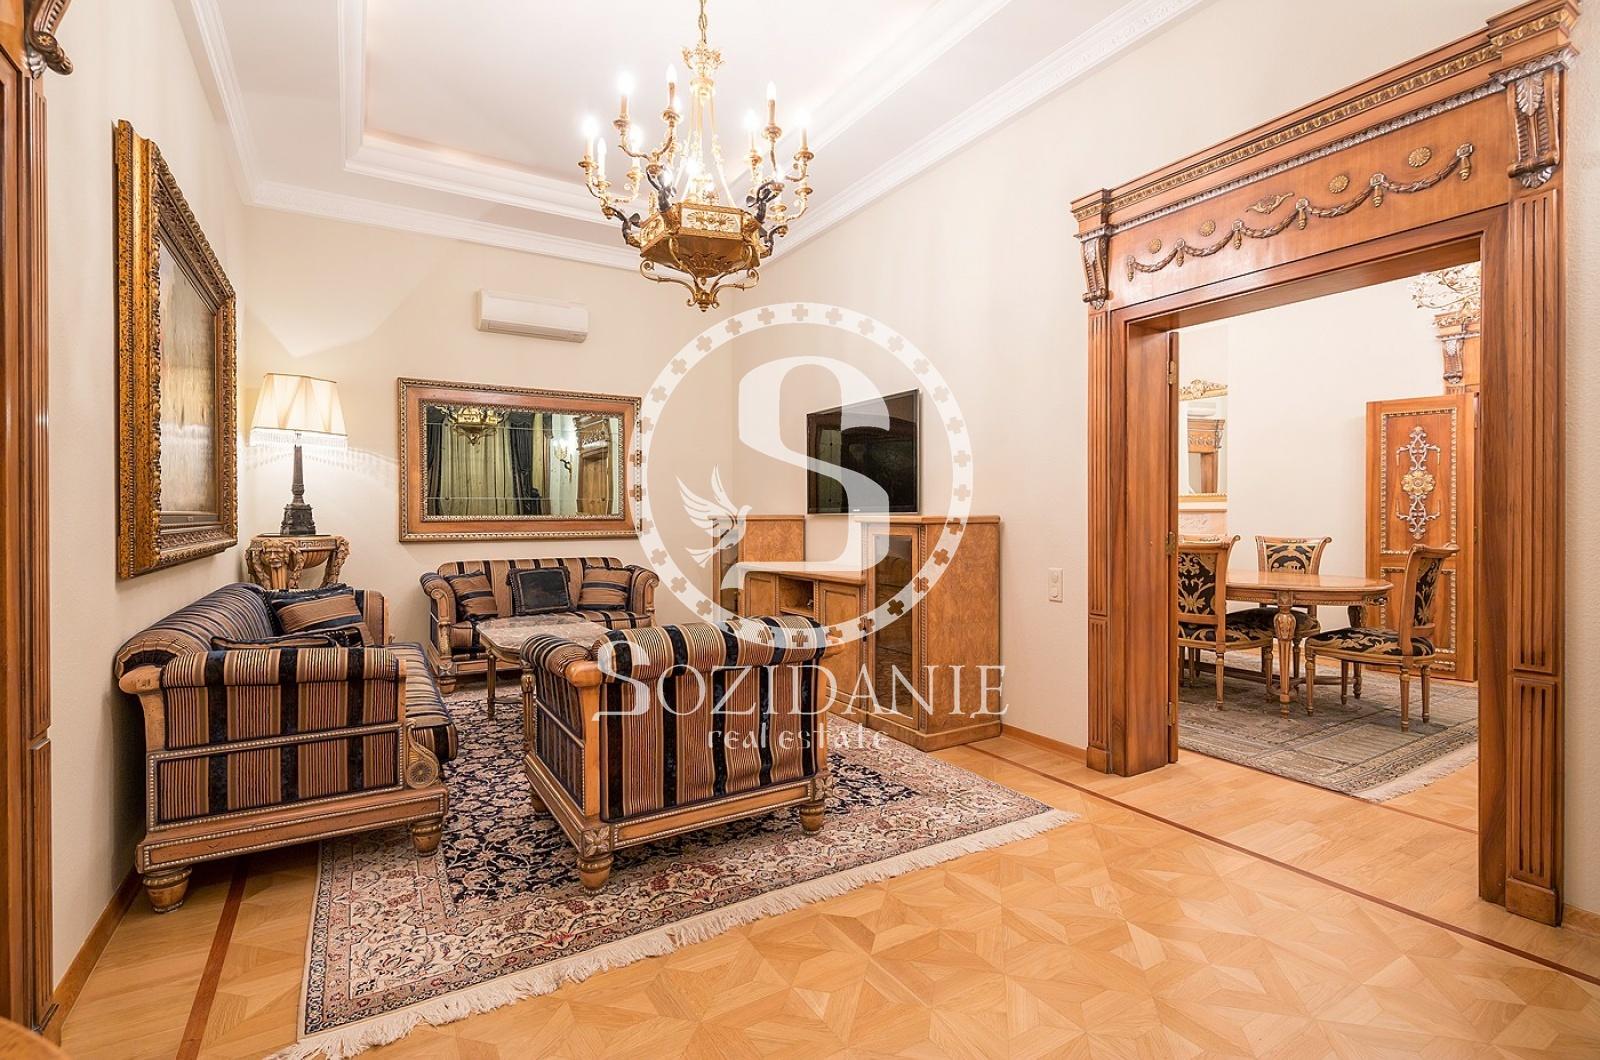 5 Комнаты, Городская, Продажа, Погорельский переулок, Listing ID 3338, Москва, Россия,